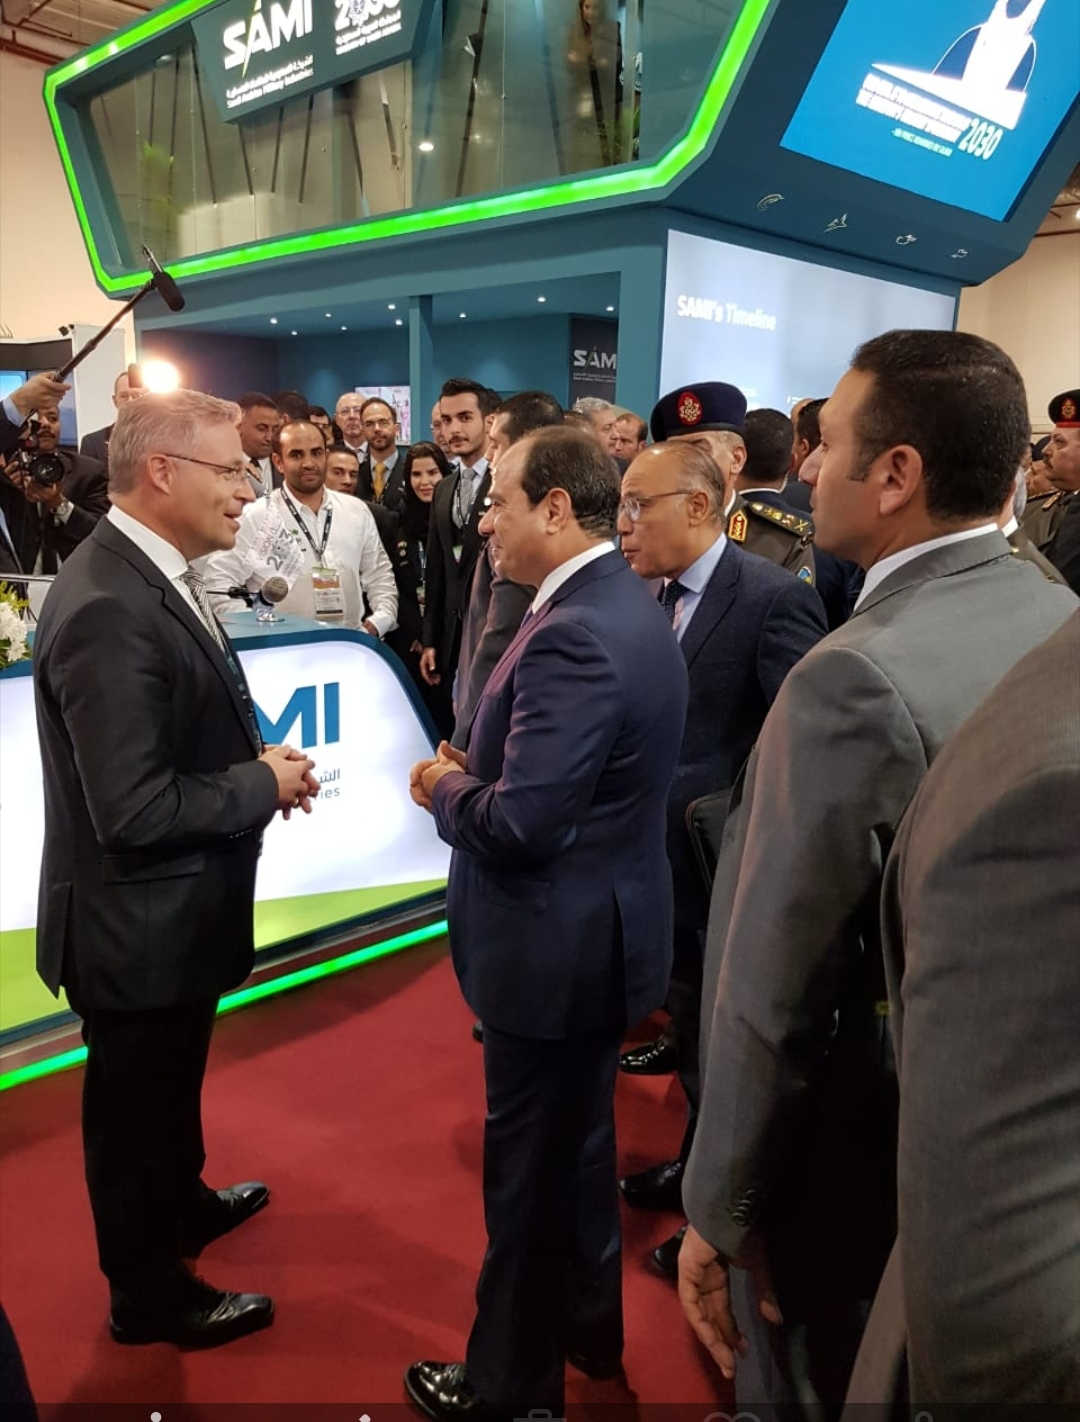 الشركة السعودية للصناعات العسكرية تستعرض فرص التعاون في السوق المصرية خلال مشاركتها في معرض